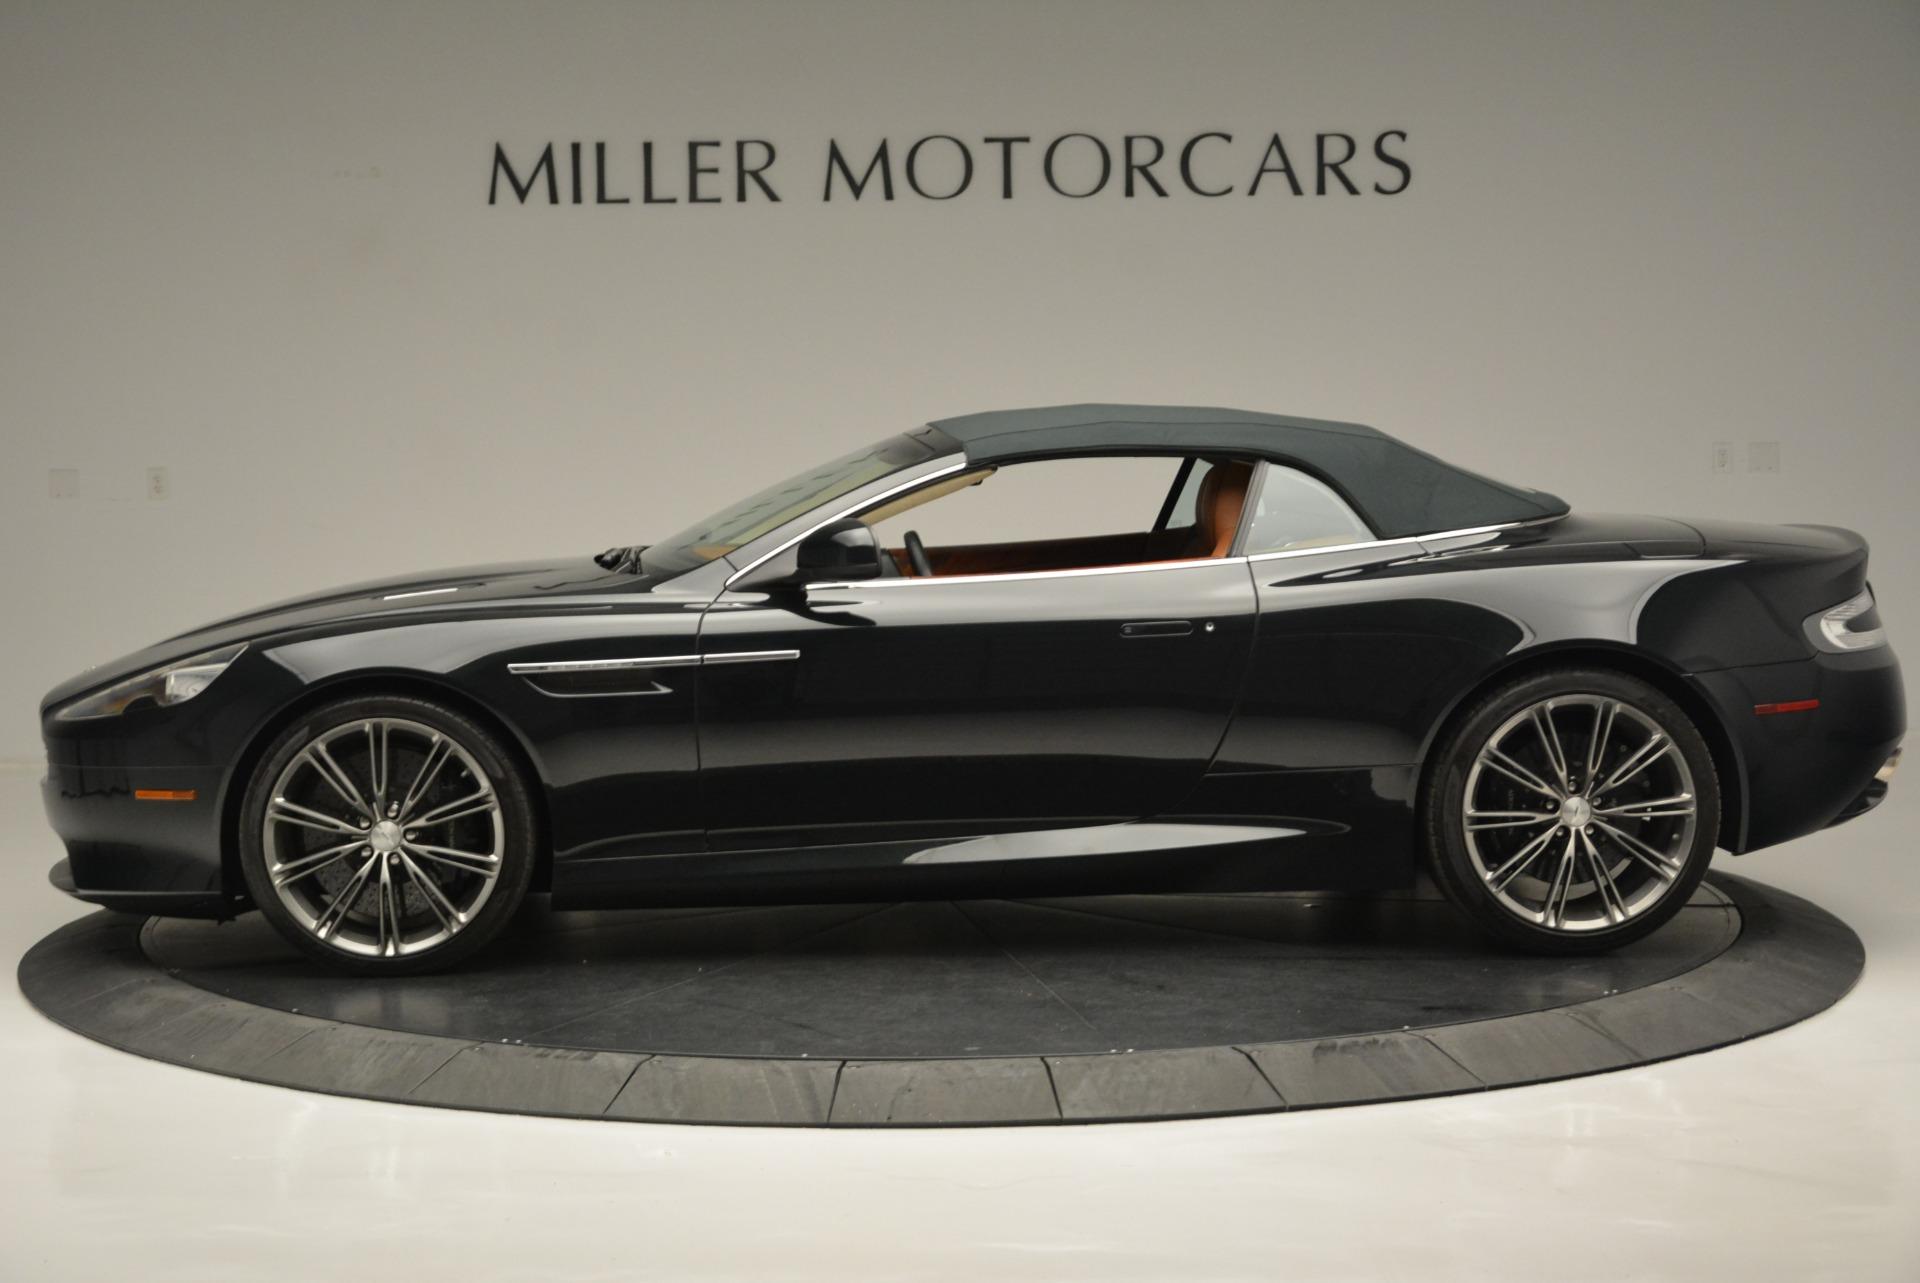 Used 2012 Aston Martin Virage Volante For Sale In Greenwich, CT. Alfa Romeo of Greenwich, 7641 2508_p15